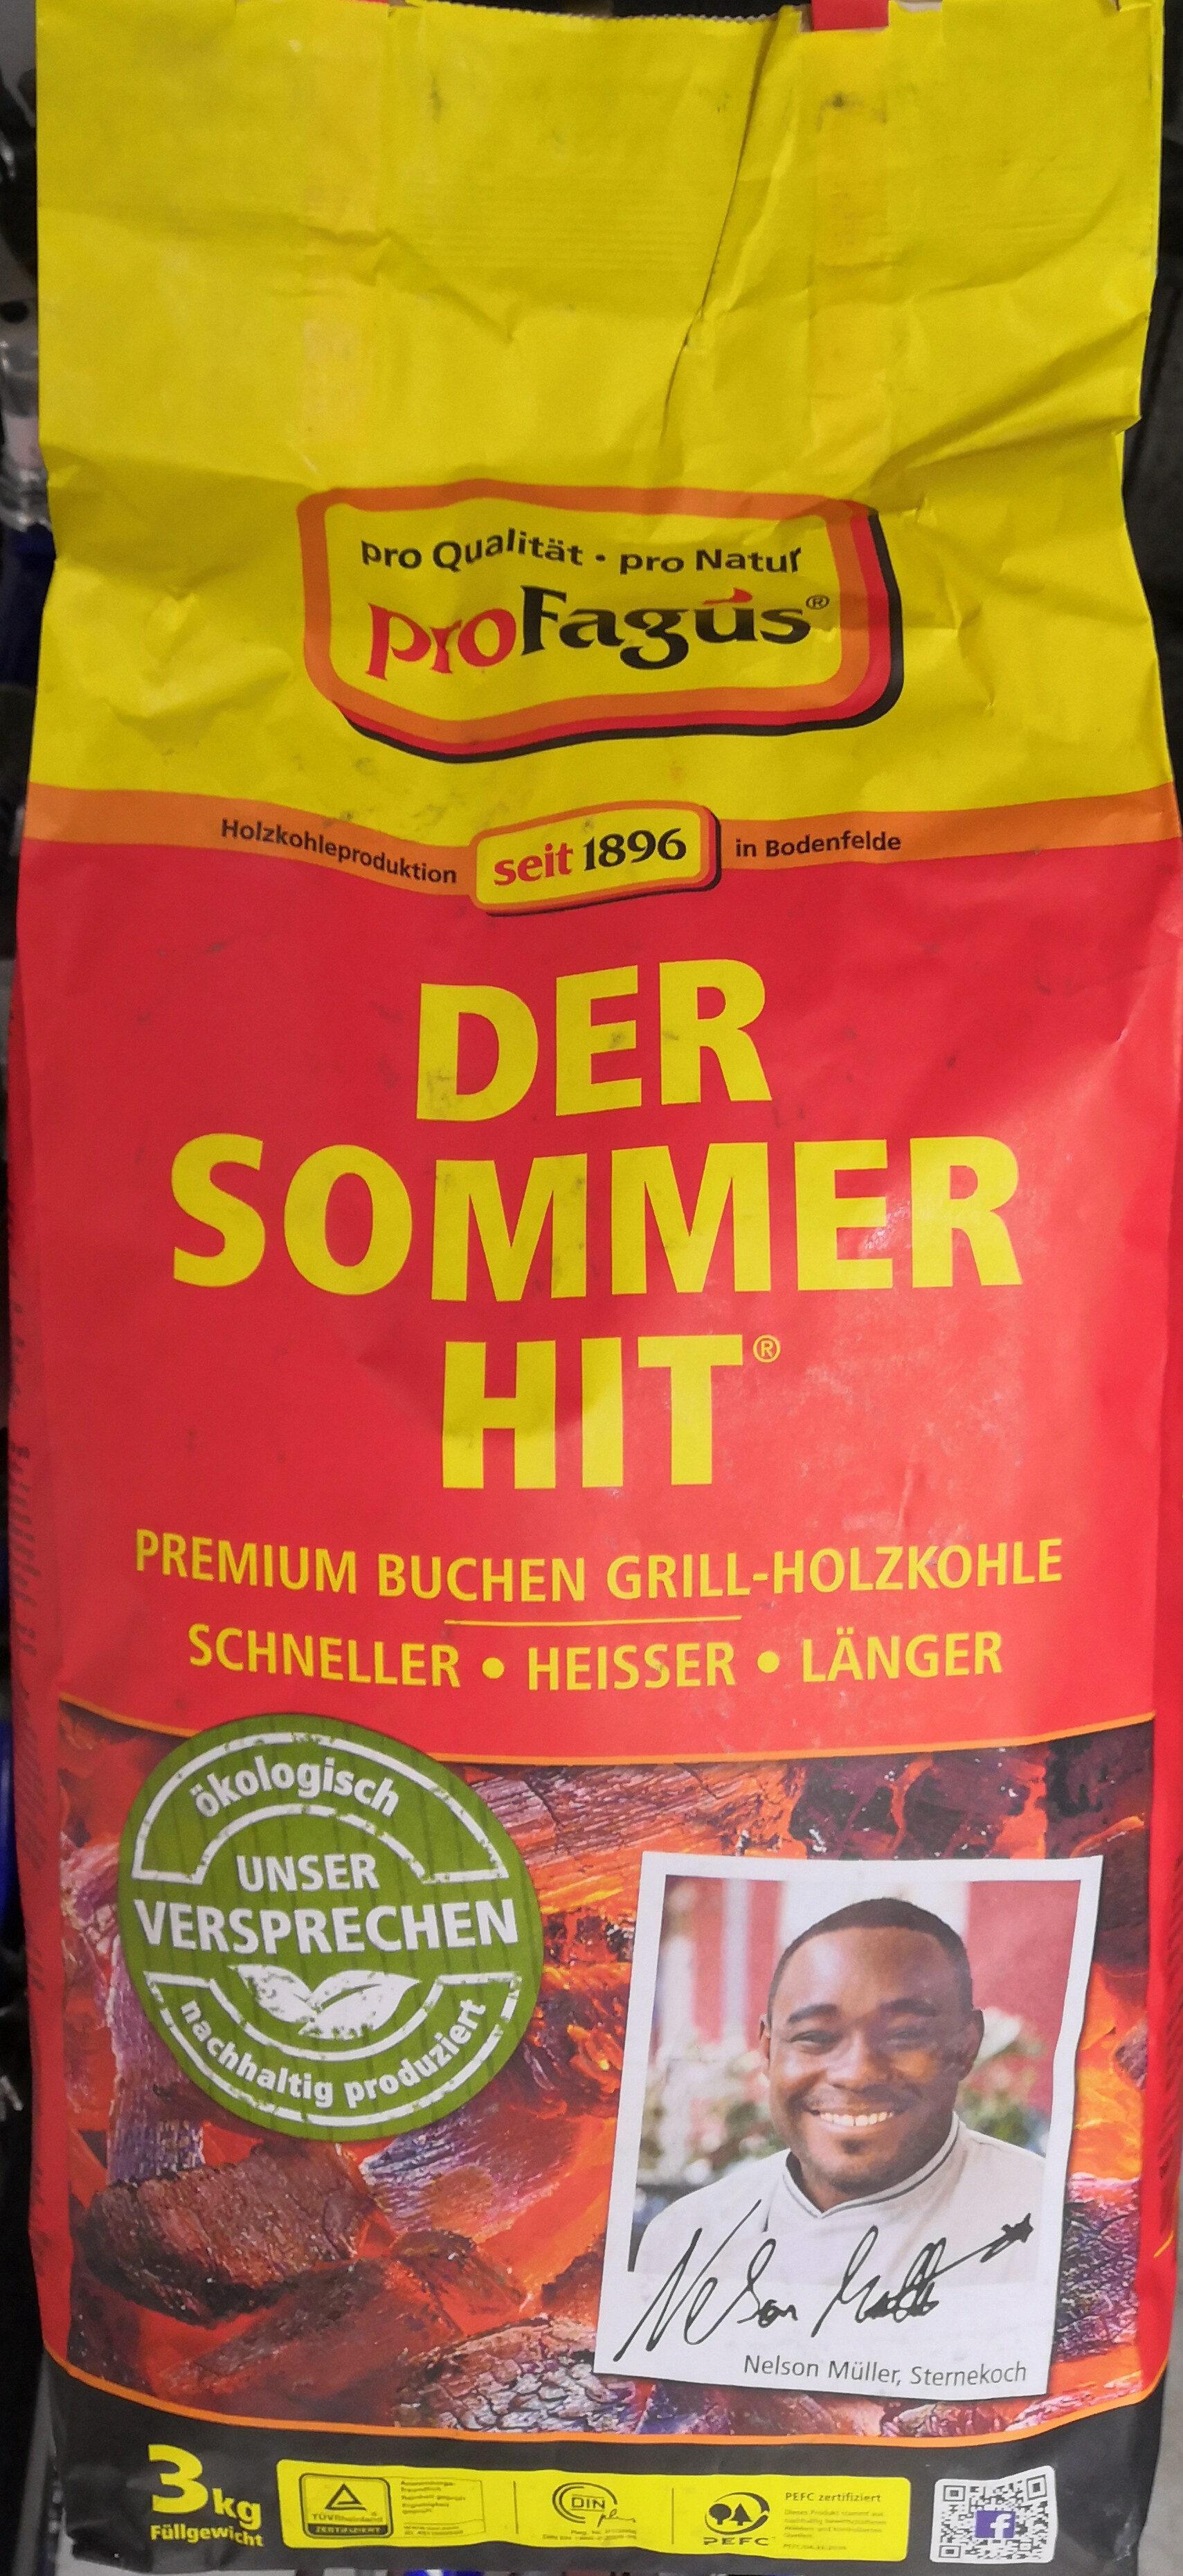 proFagus Der Sommer-Hit Premium Buchen-Grill-Holzkohle - Product - de